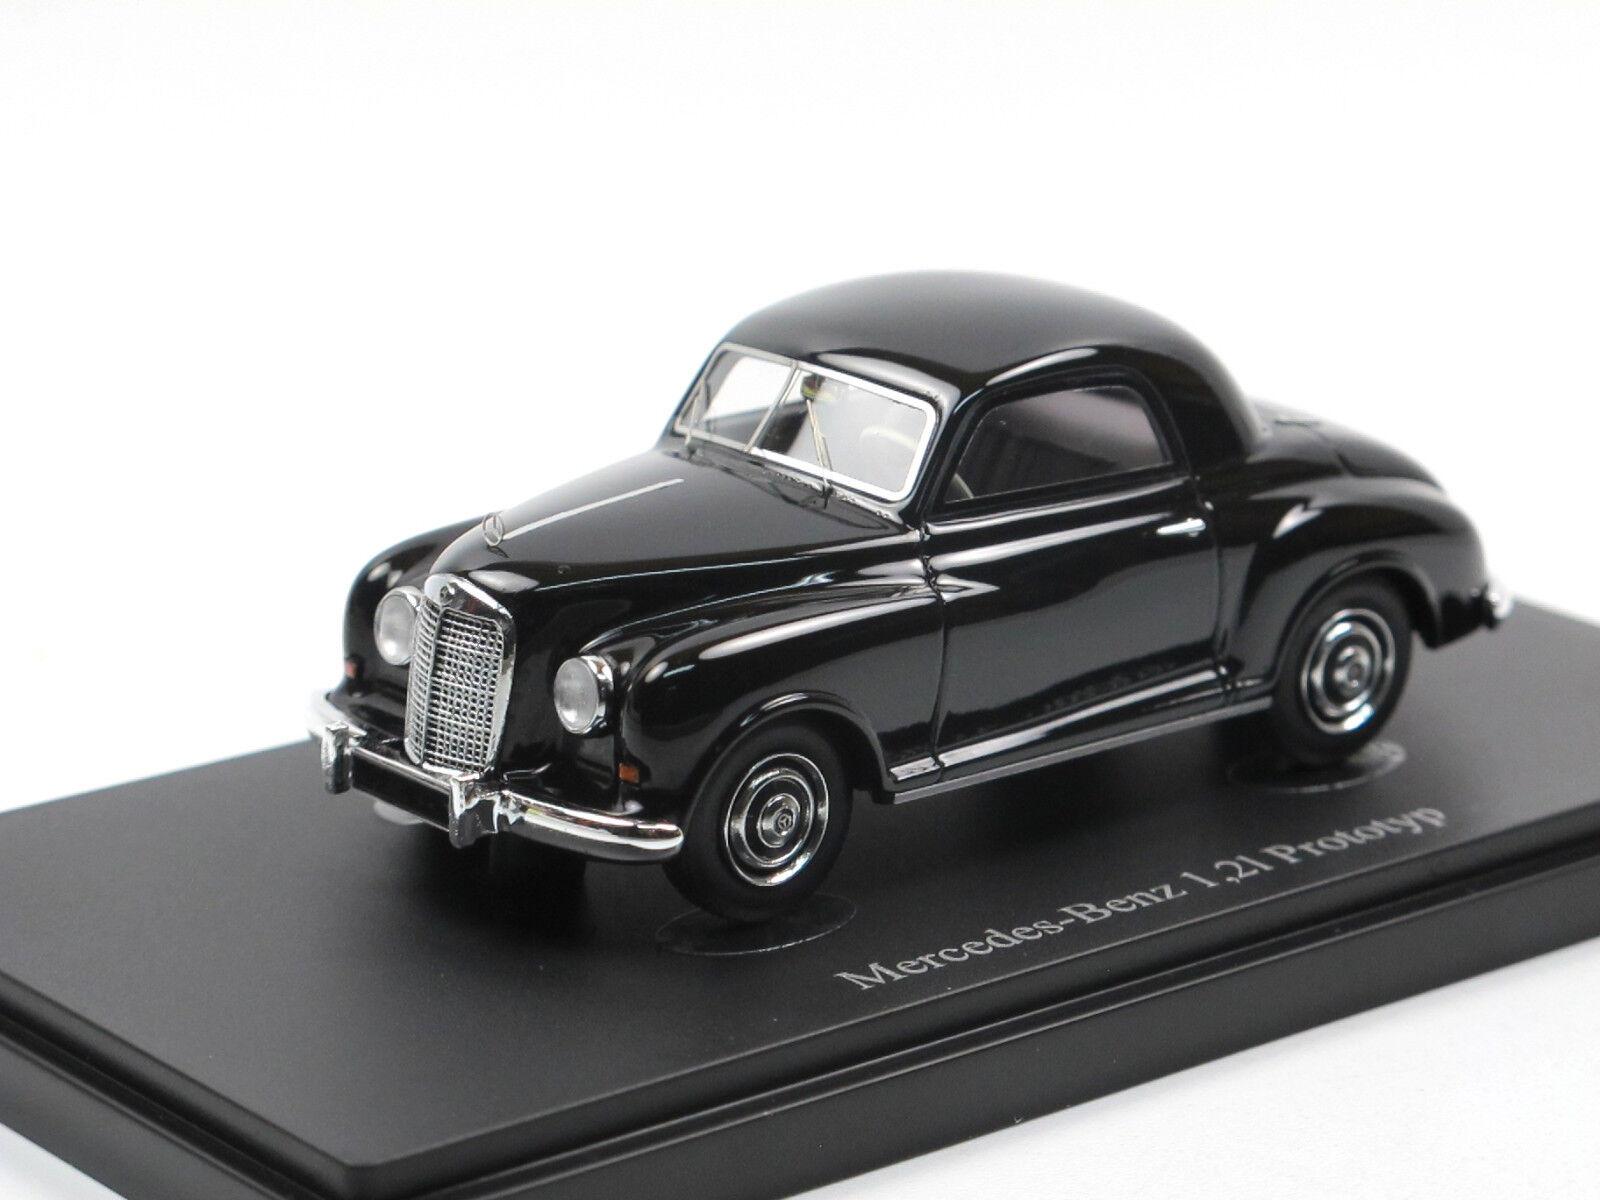 Autocult 06022-Mercedes-Benz 1,2 L-Prougeotype 1948-Noir - 1 43 Limited